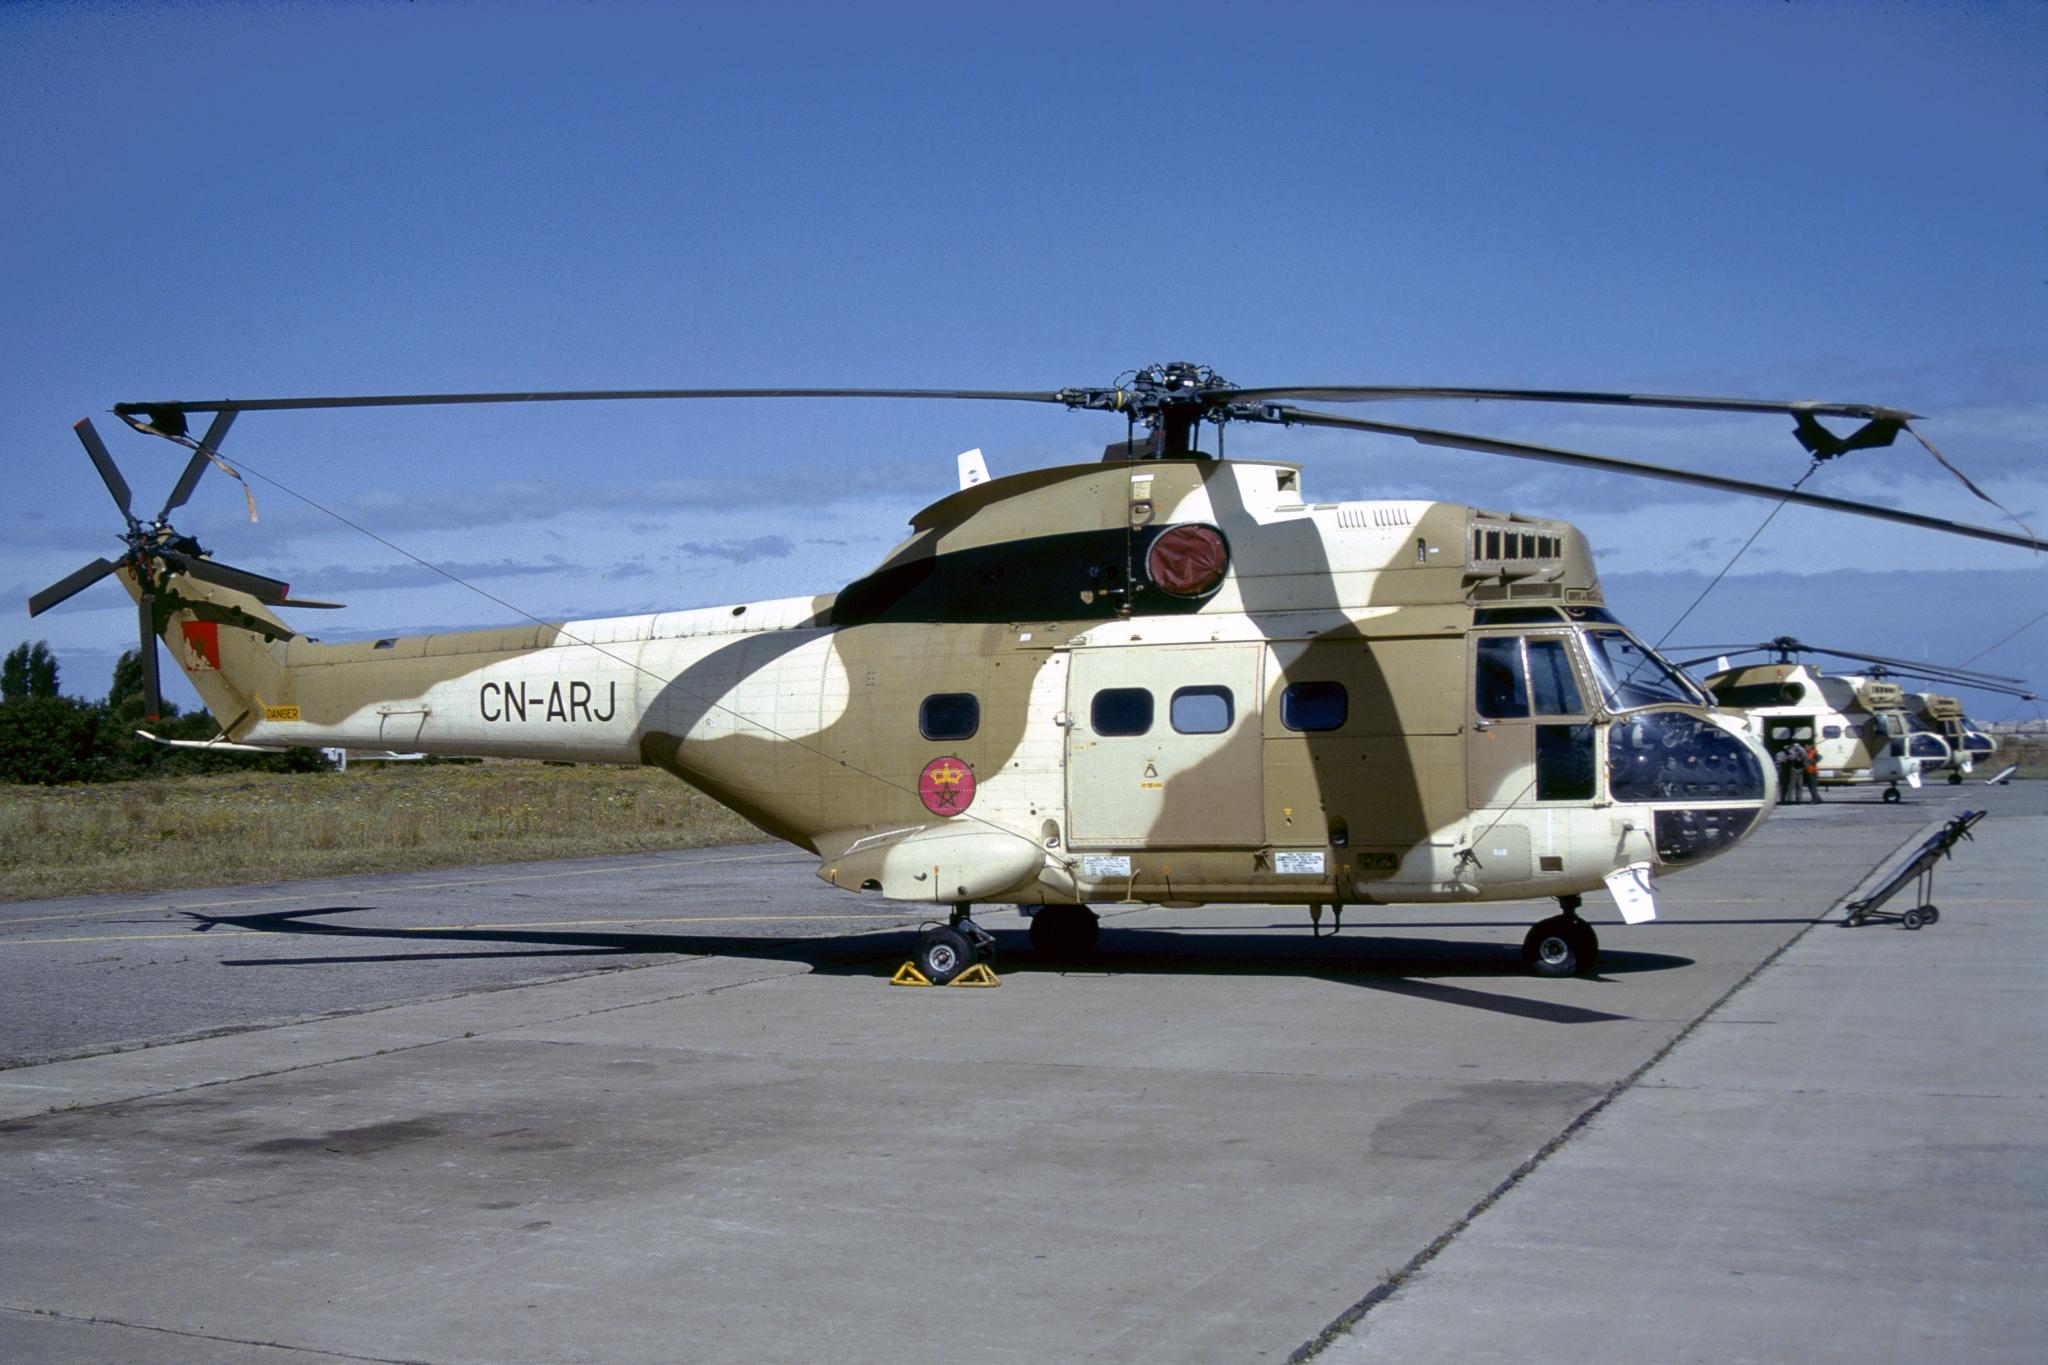 القوات الجوية الملكية المغربية - متجدد - - صفحة 2 160101030241493866